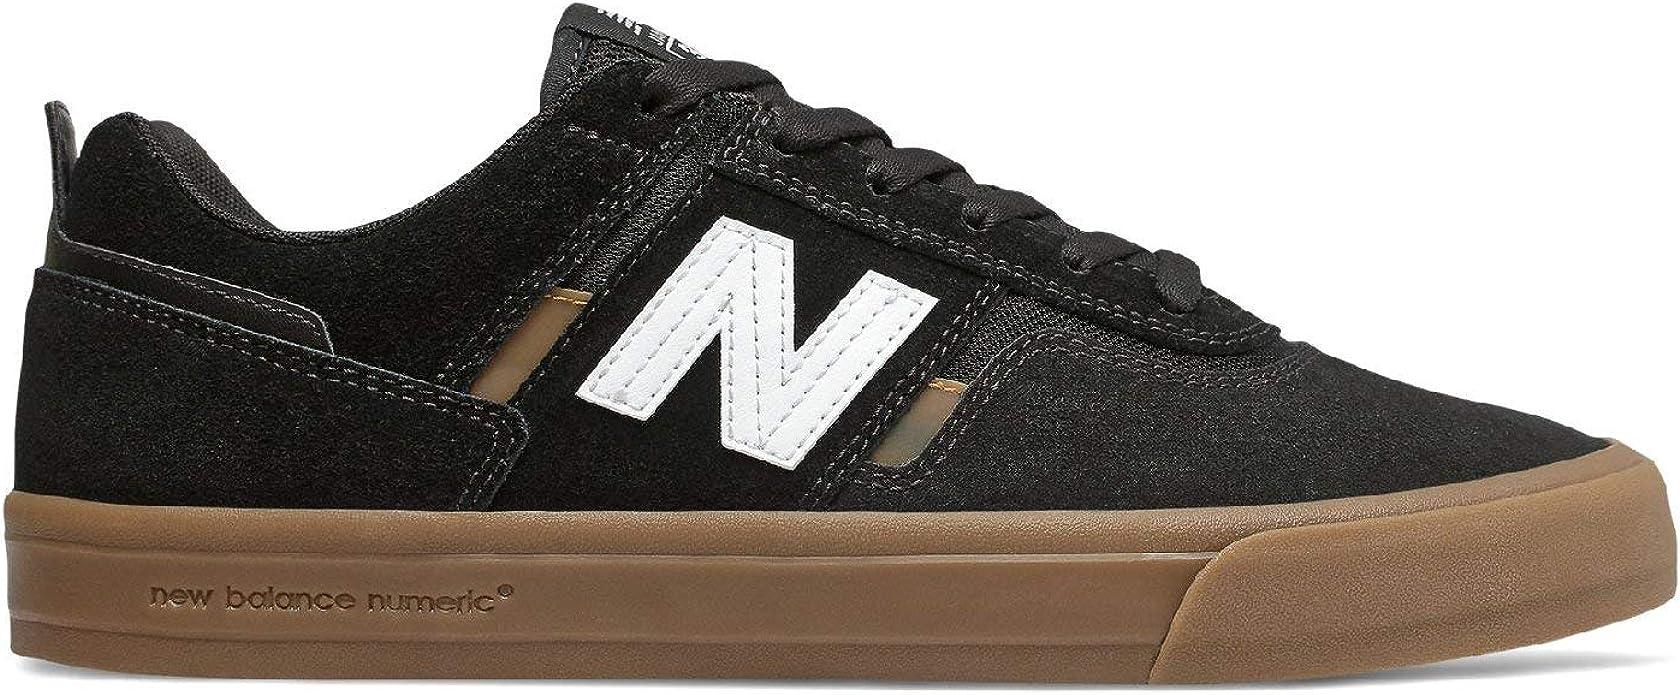 New Balance Numeric 306 Herren Sneakers Skateboardschuhe Schwarz/Gummi